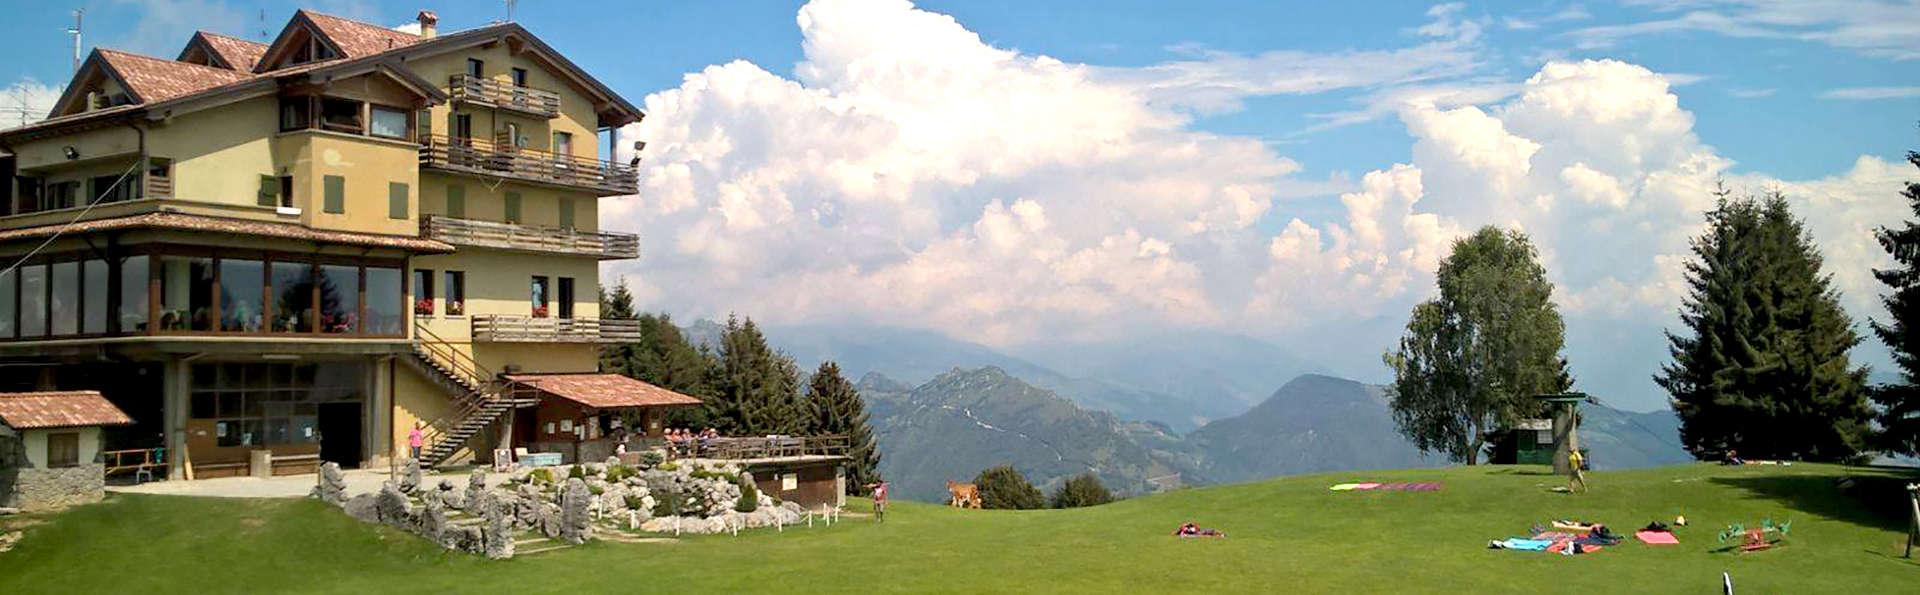 Week-end nature et cités historiques : à la découverte de Selvino, Bergamo Alta et de San Pellegrino !